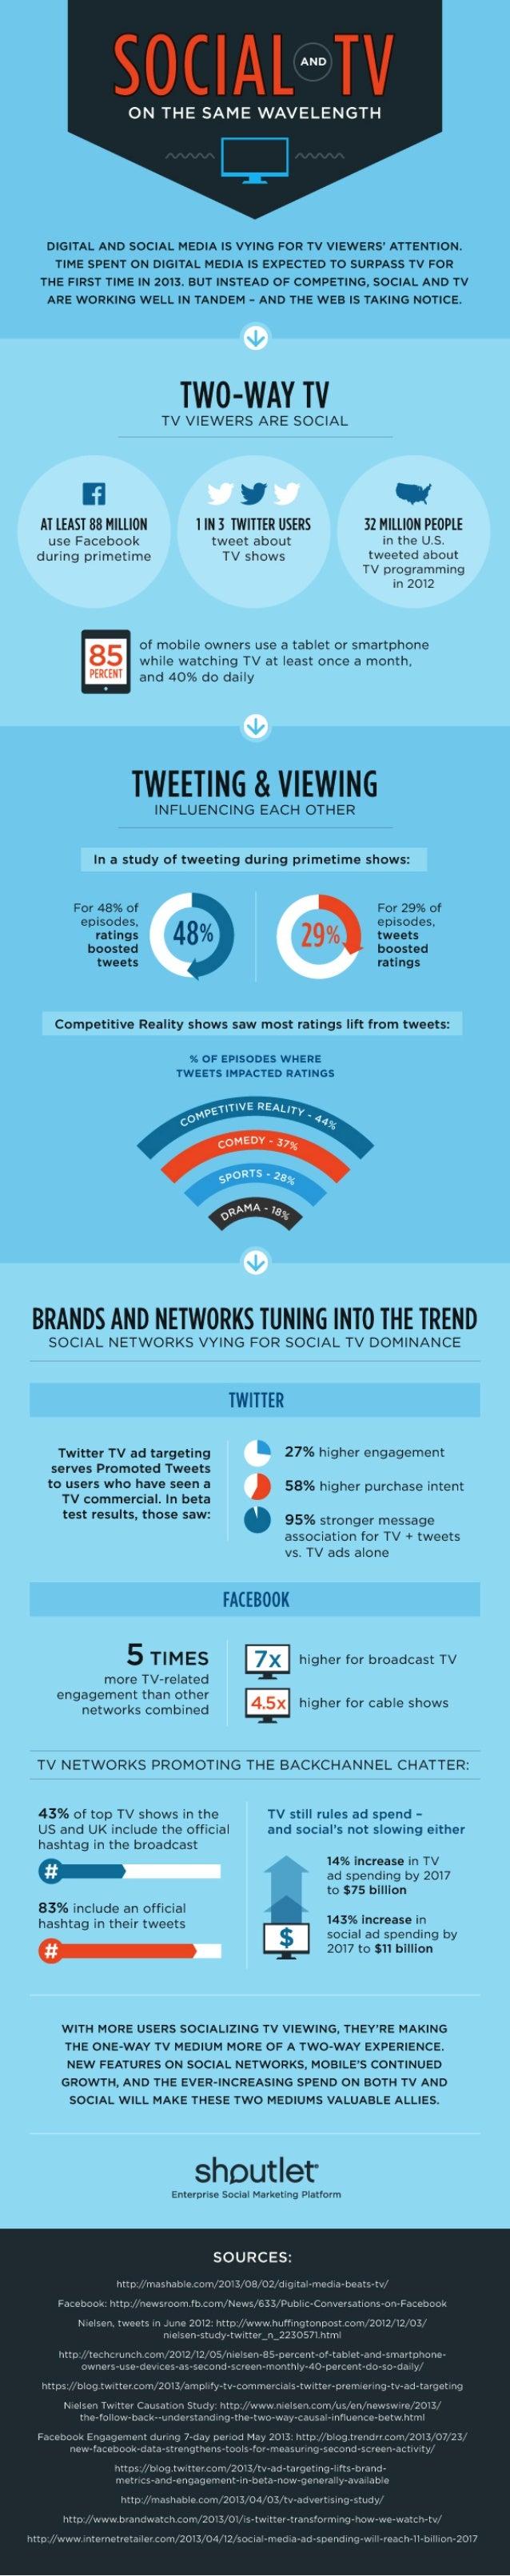 Social + TV: On the Same Wavelength